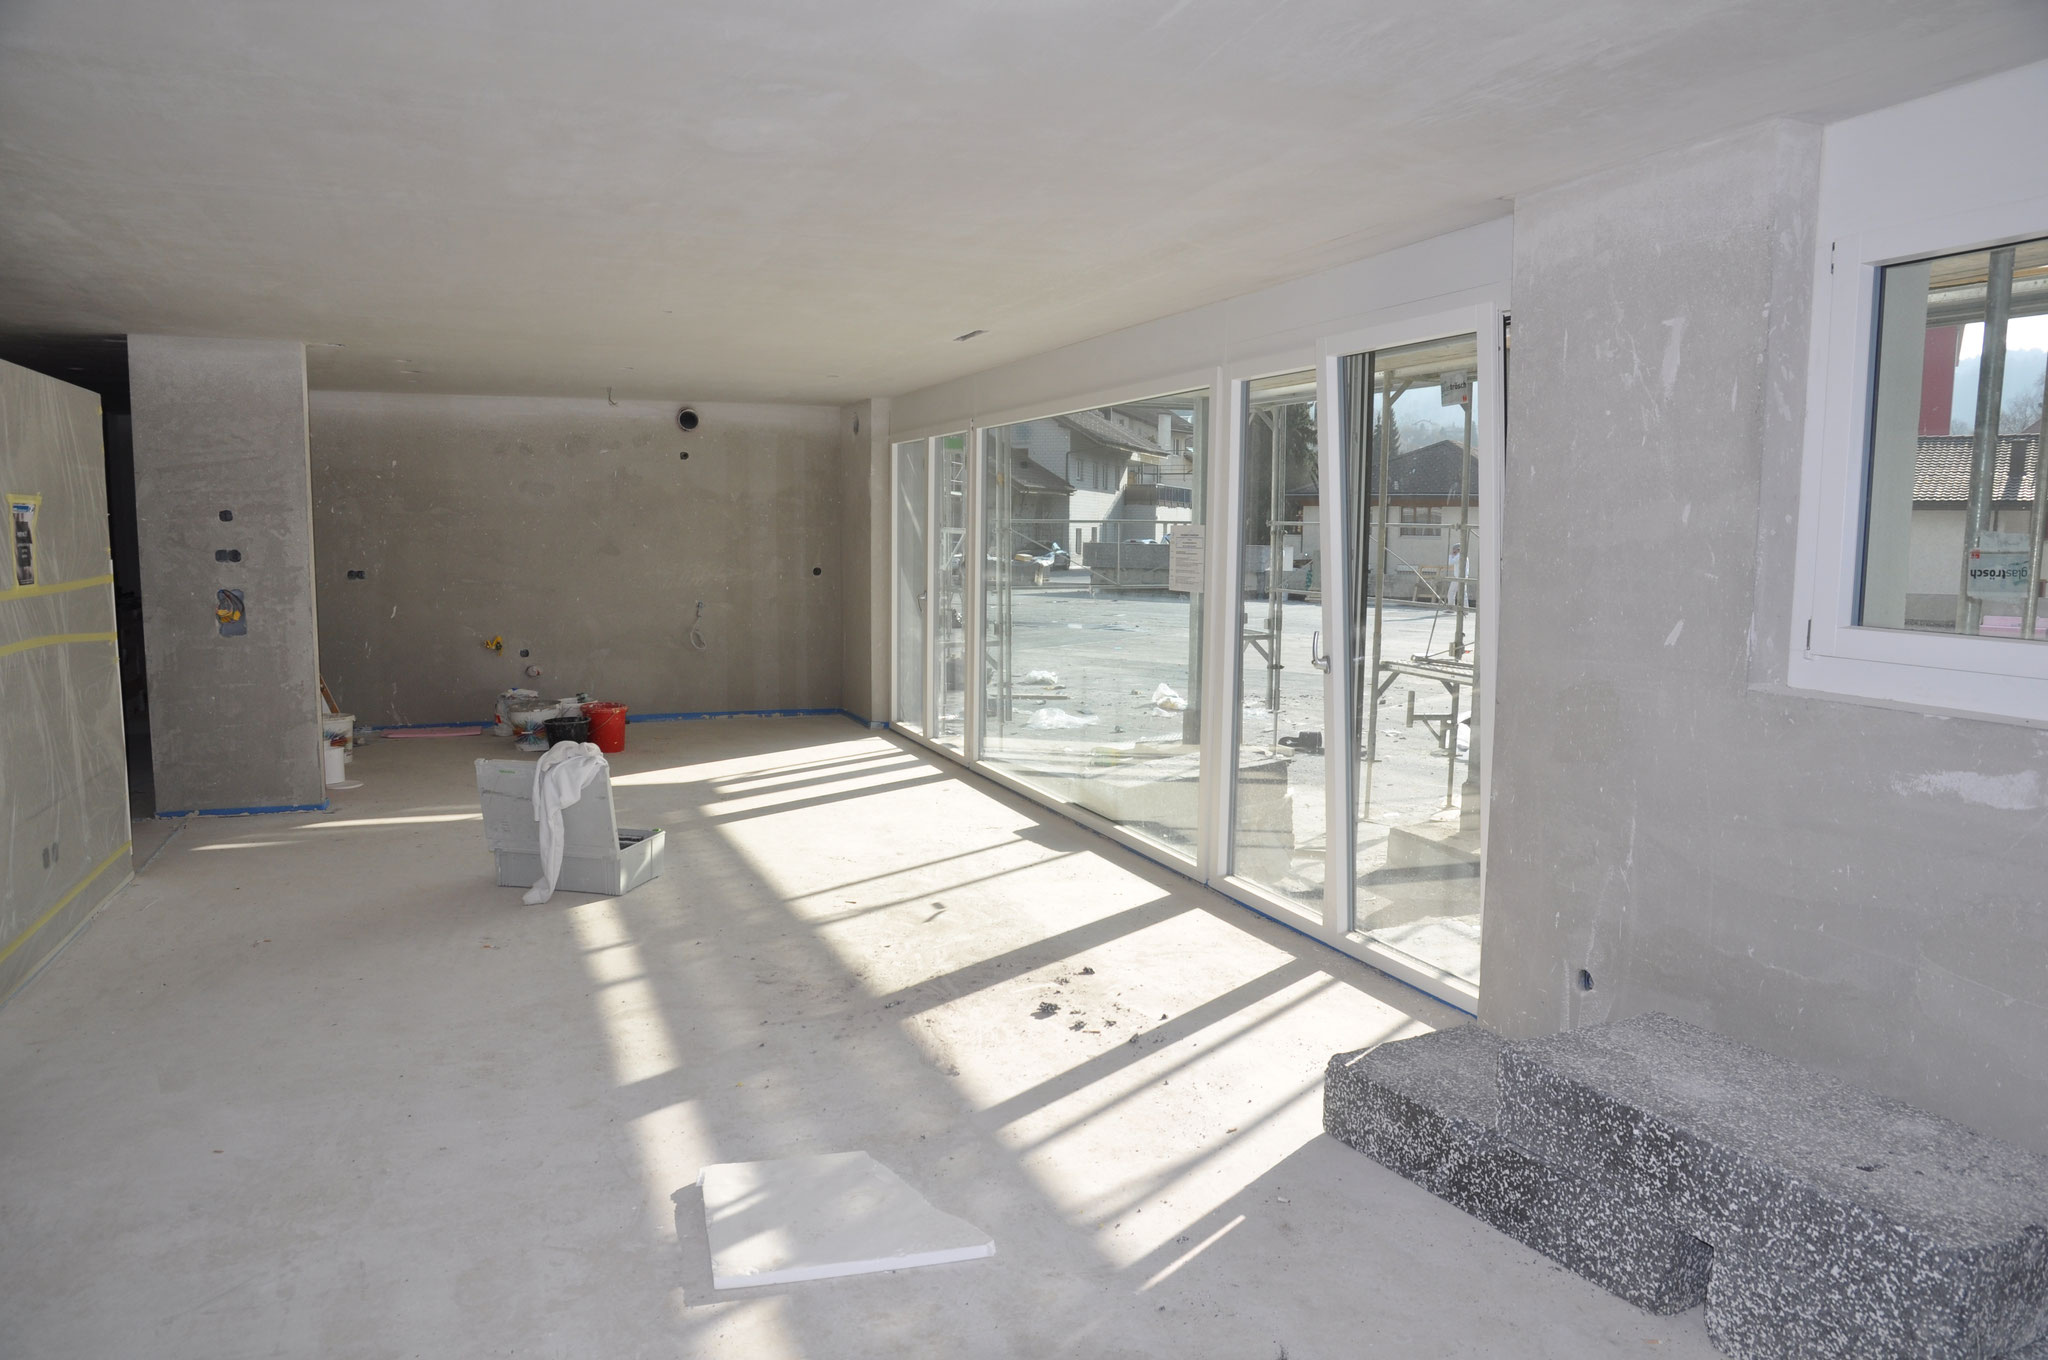 Innenausbau Küche/Essen/Wohnen 4,5 Zimmer Wohnung Einheit B (März 2016)